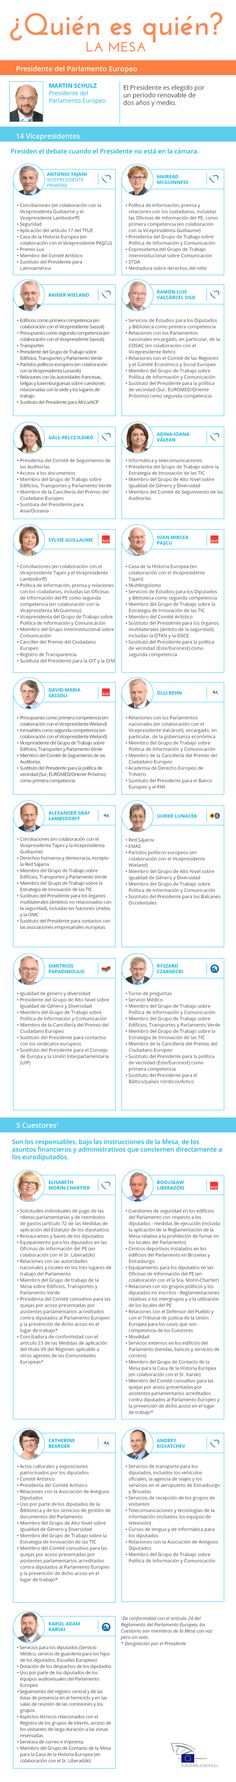 Los eurodiputados eligieron a Martin Schulz como Presidente del Parlamento Europeo, también eligieron a los catorce Vicepresidentes, y a los cinco cuestores, responsables estos últimos de las cuestiones administrativas y financieras. La ilustración que acompaña esta información detalla quién es quién en la Eurocámara. (23/01/2015)